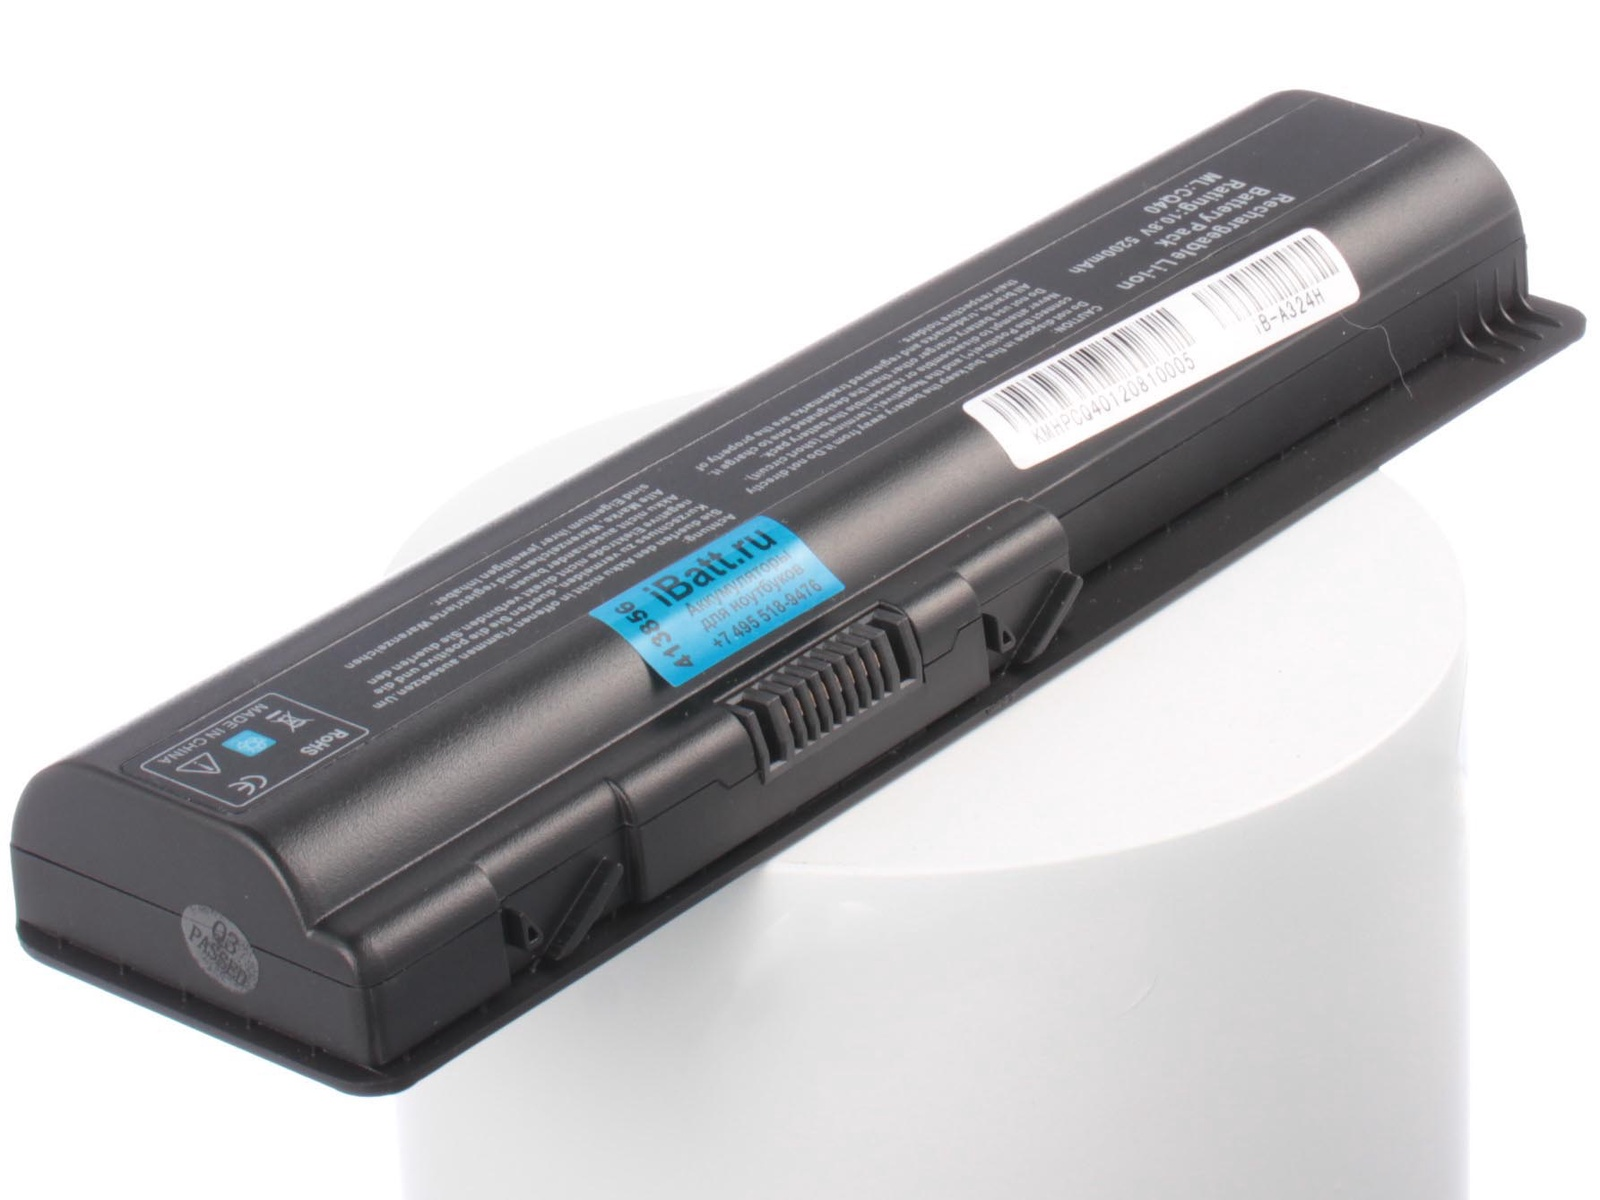 Аккумулятор для ноутбука iBatt для HP-Compaq Presario CQ61-332ER, Pavilion dv6-1450er, Pavilion dv5-1165er, Presario CQ61-335ER, Pavilion dv6-1325er, Presario CQ70-212ER, Pavilion dv5-1178er, Pavilion dv6-1317er